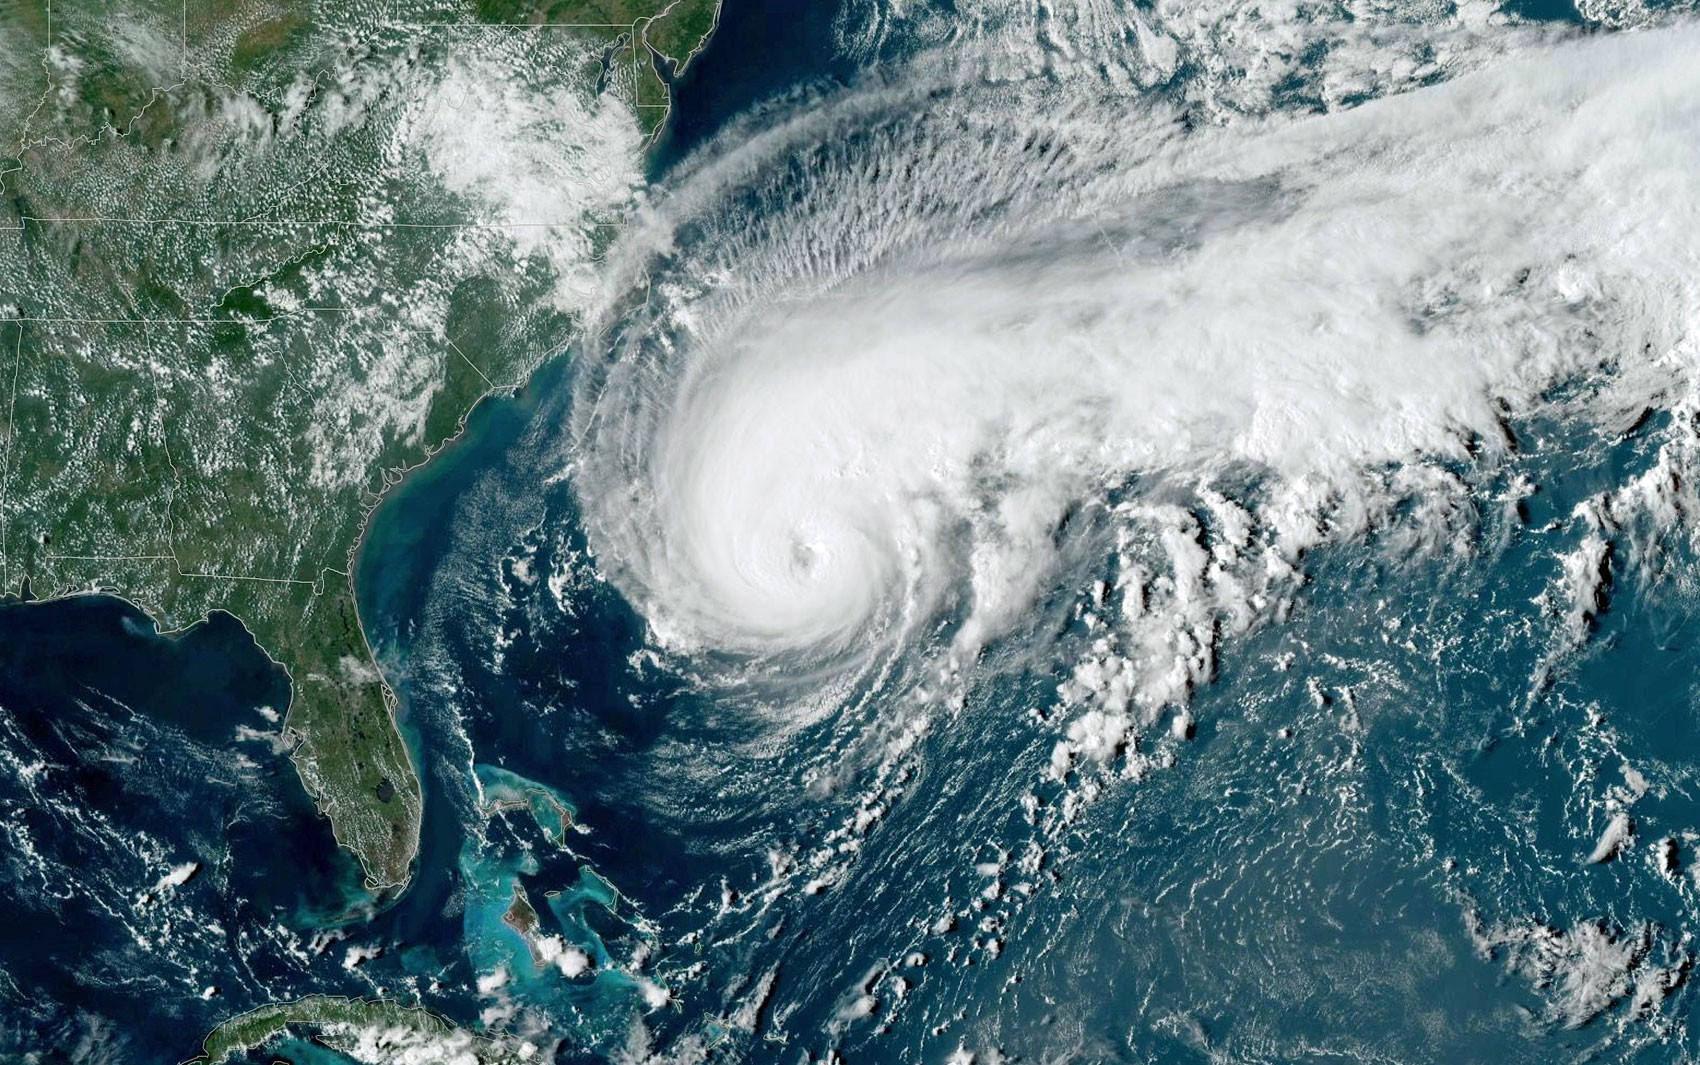 Bermuda se prepara para passagem do furacão Humberto - Notícias - Plantão Diário